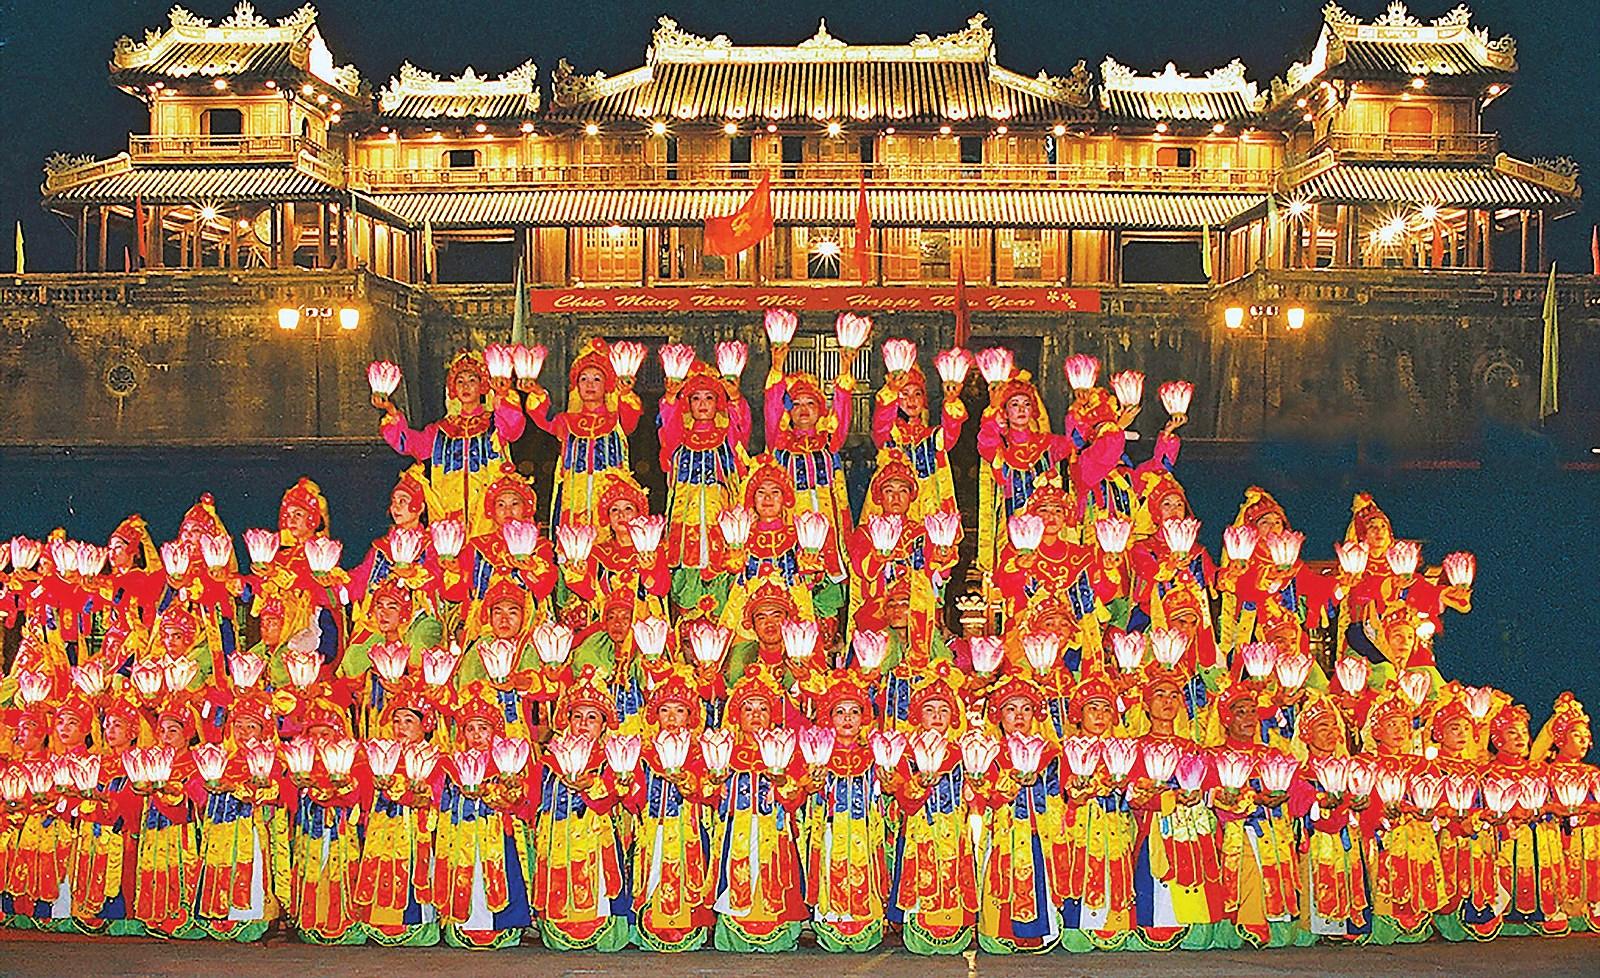 Giá trị của nhã nhạc cung đình Huế trong nền văn hóa Việt